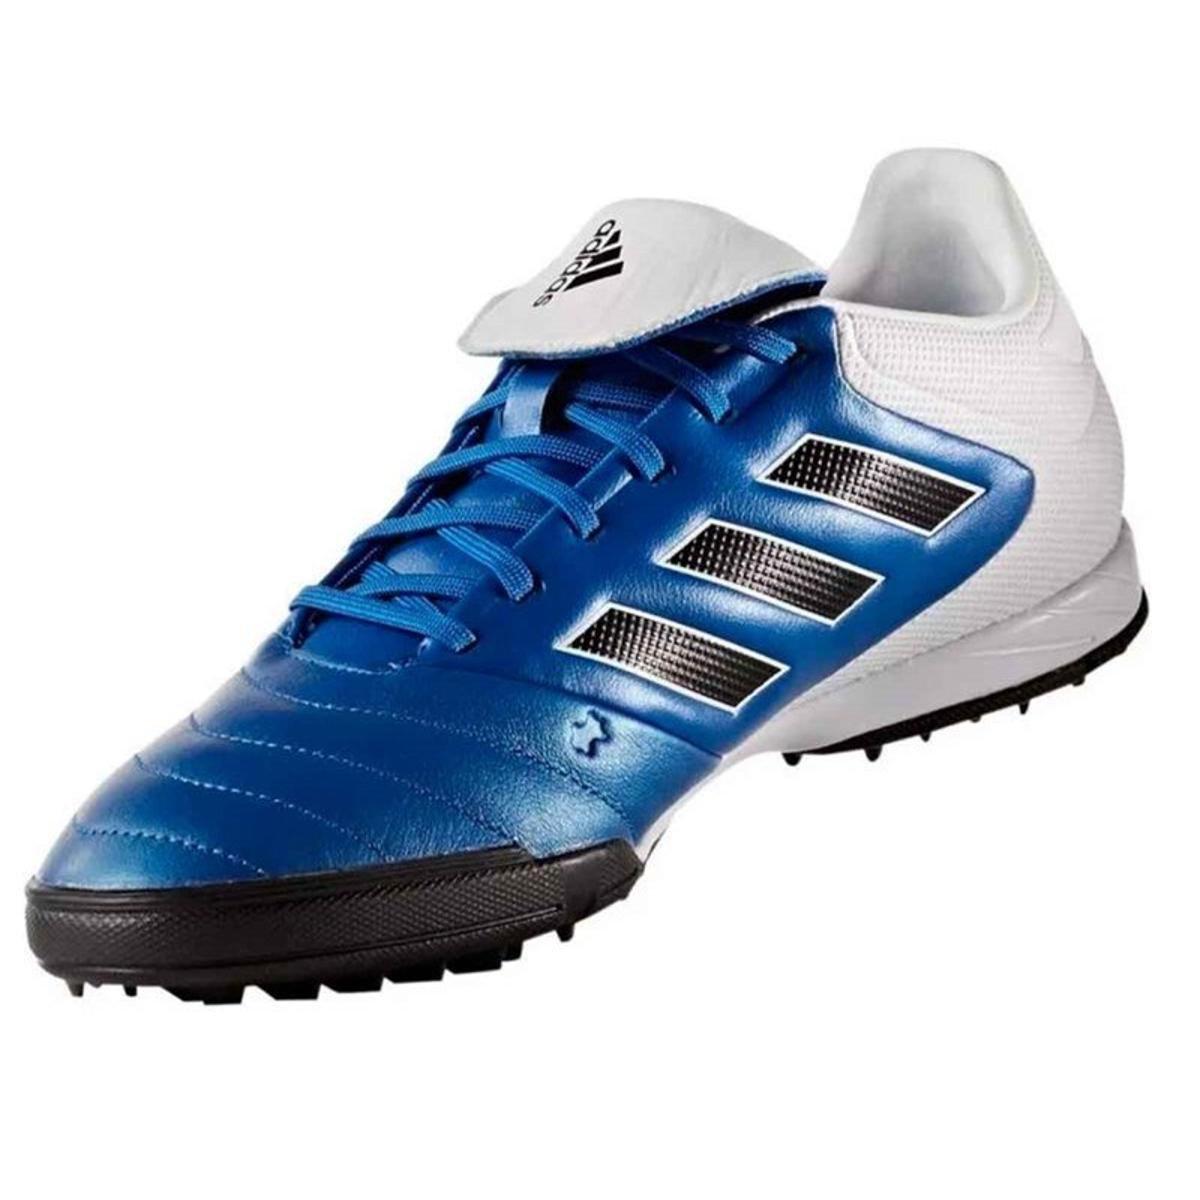 2ff51195589a0 Chuteira Society Adidas Copa 17 Tf - Compre Agora